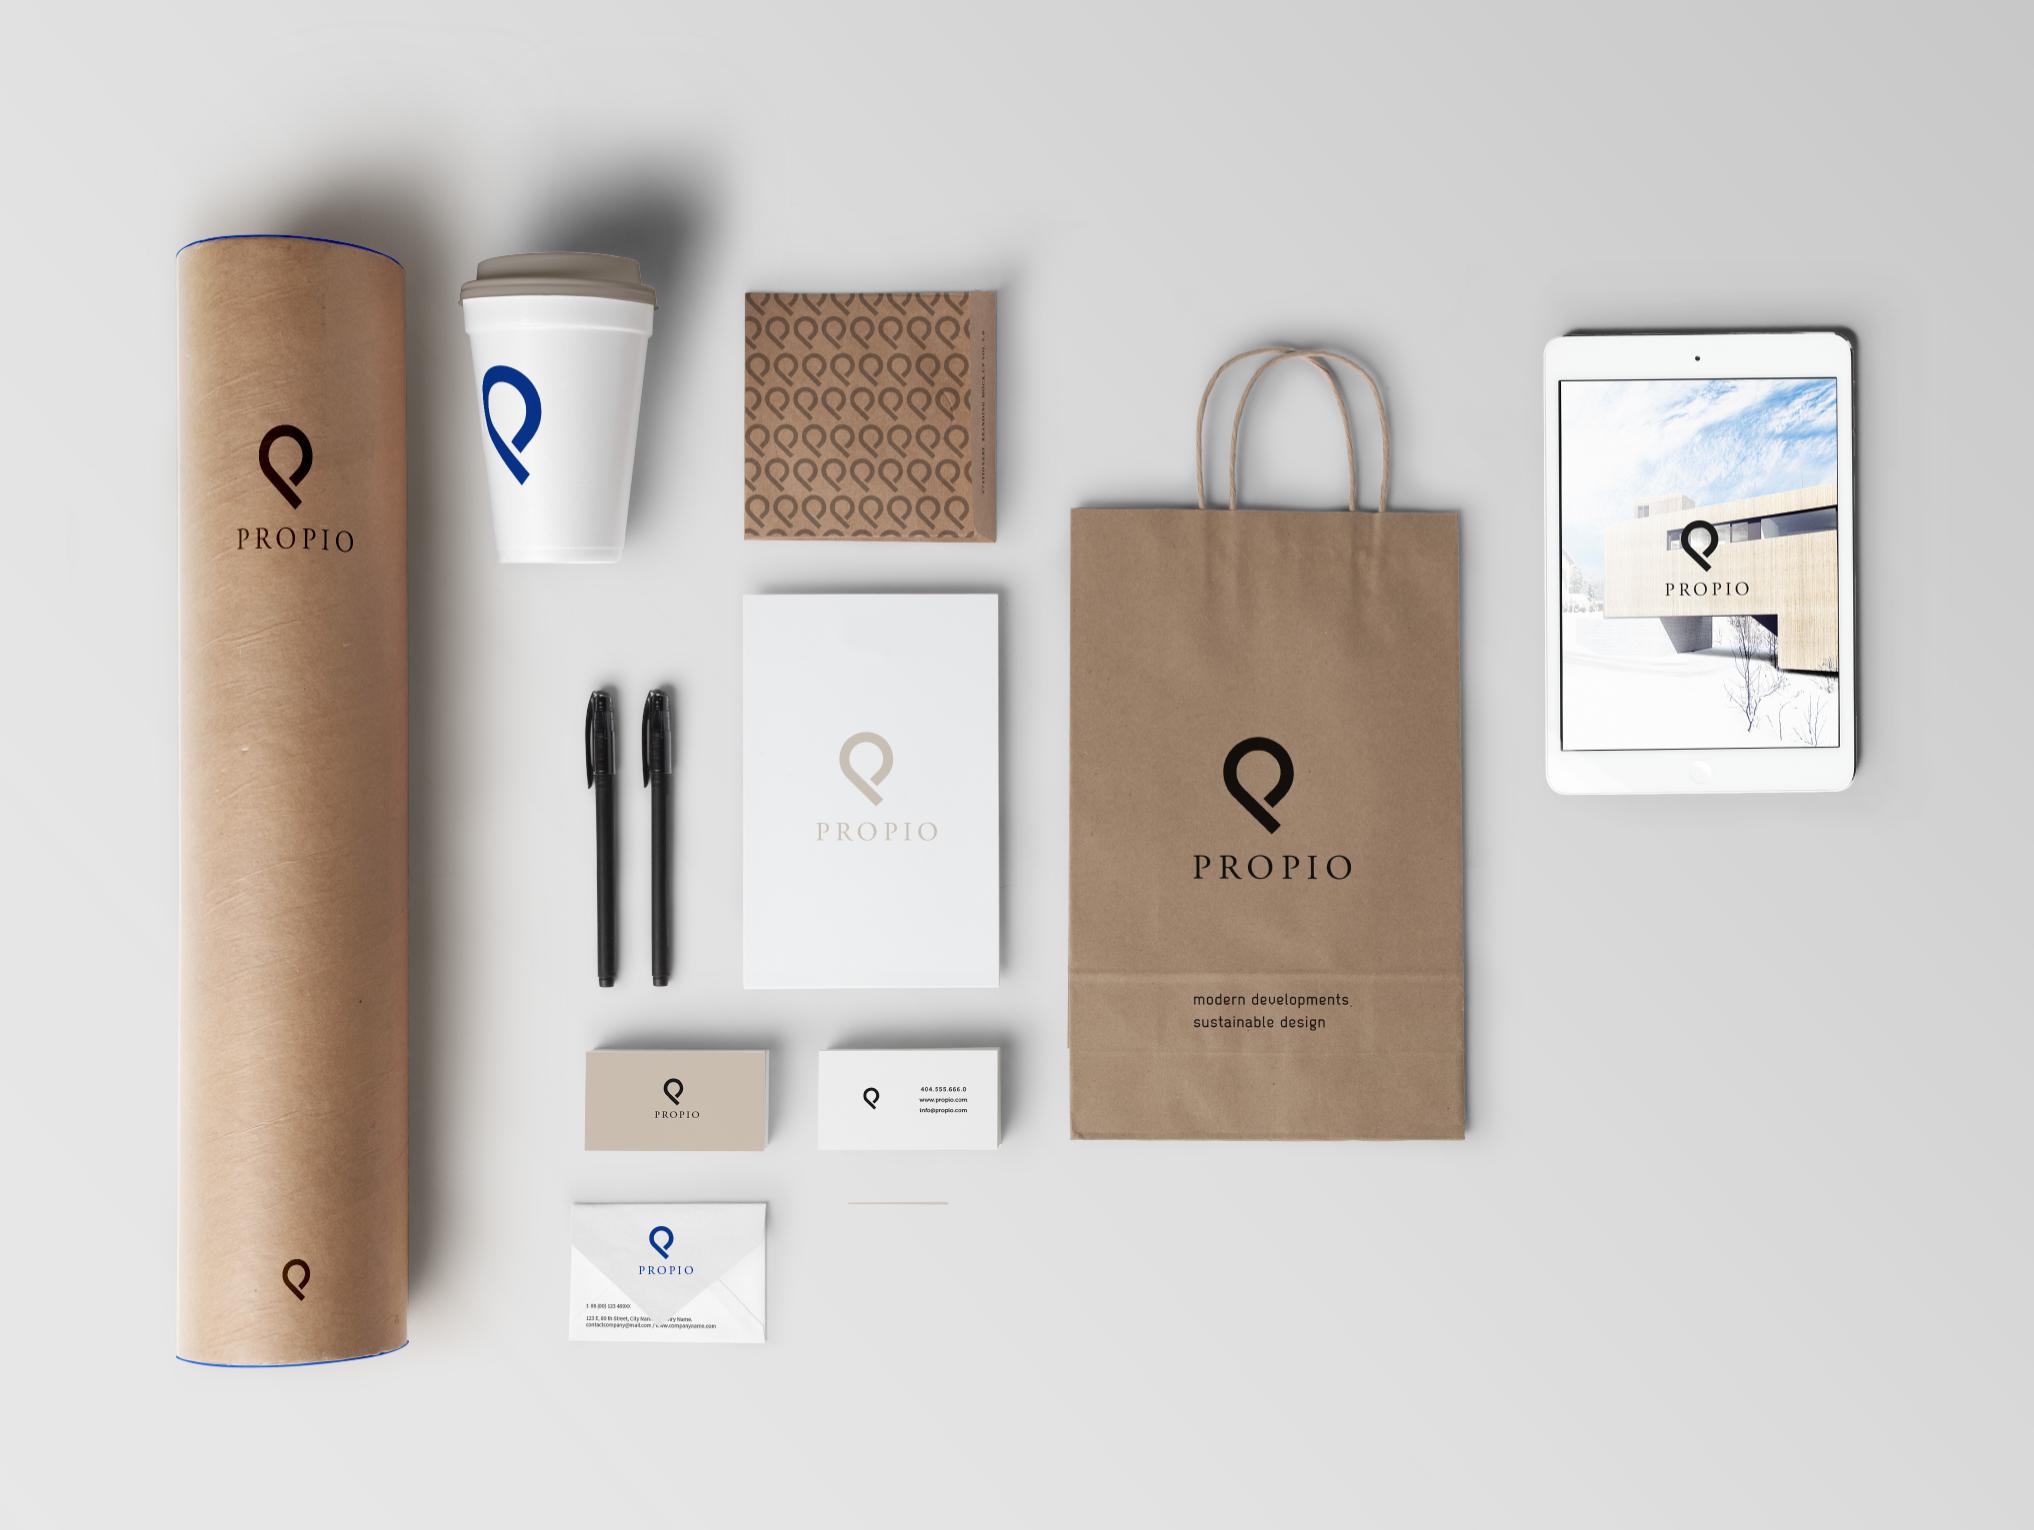 Brand Identity for PROPIO